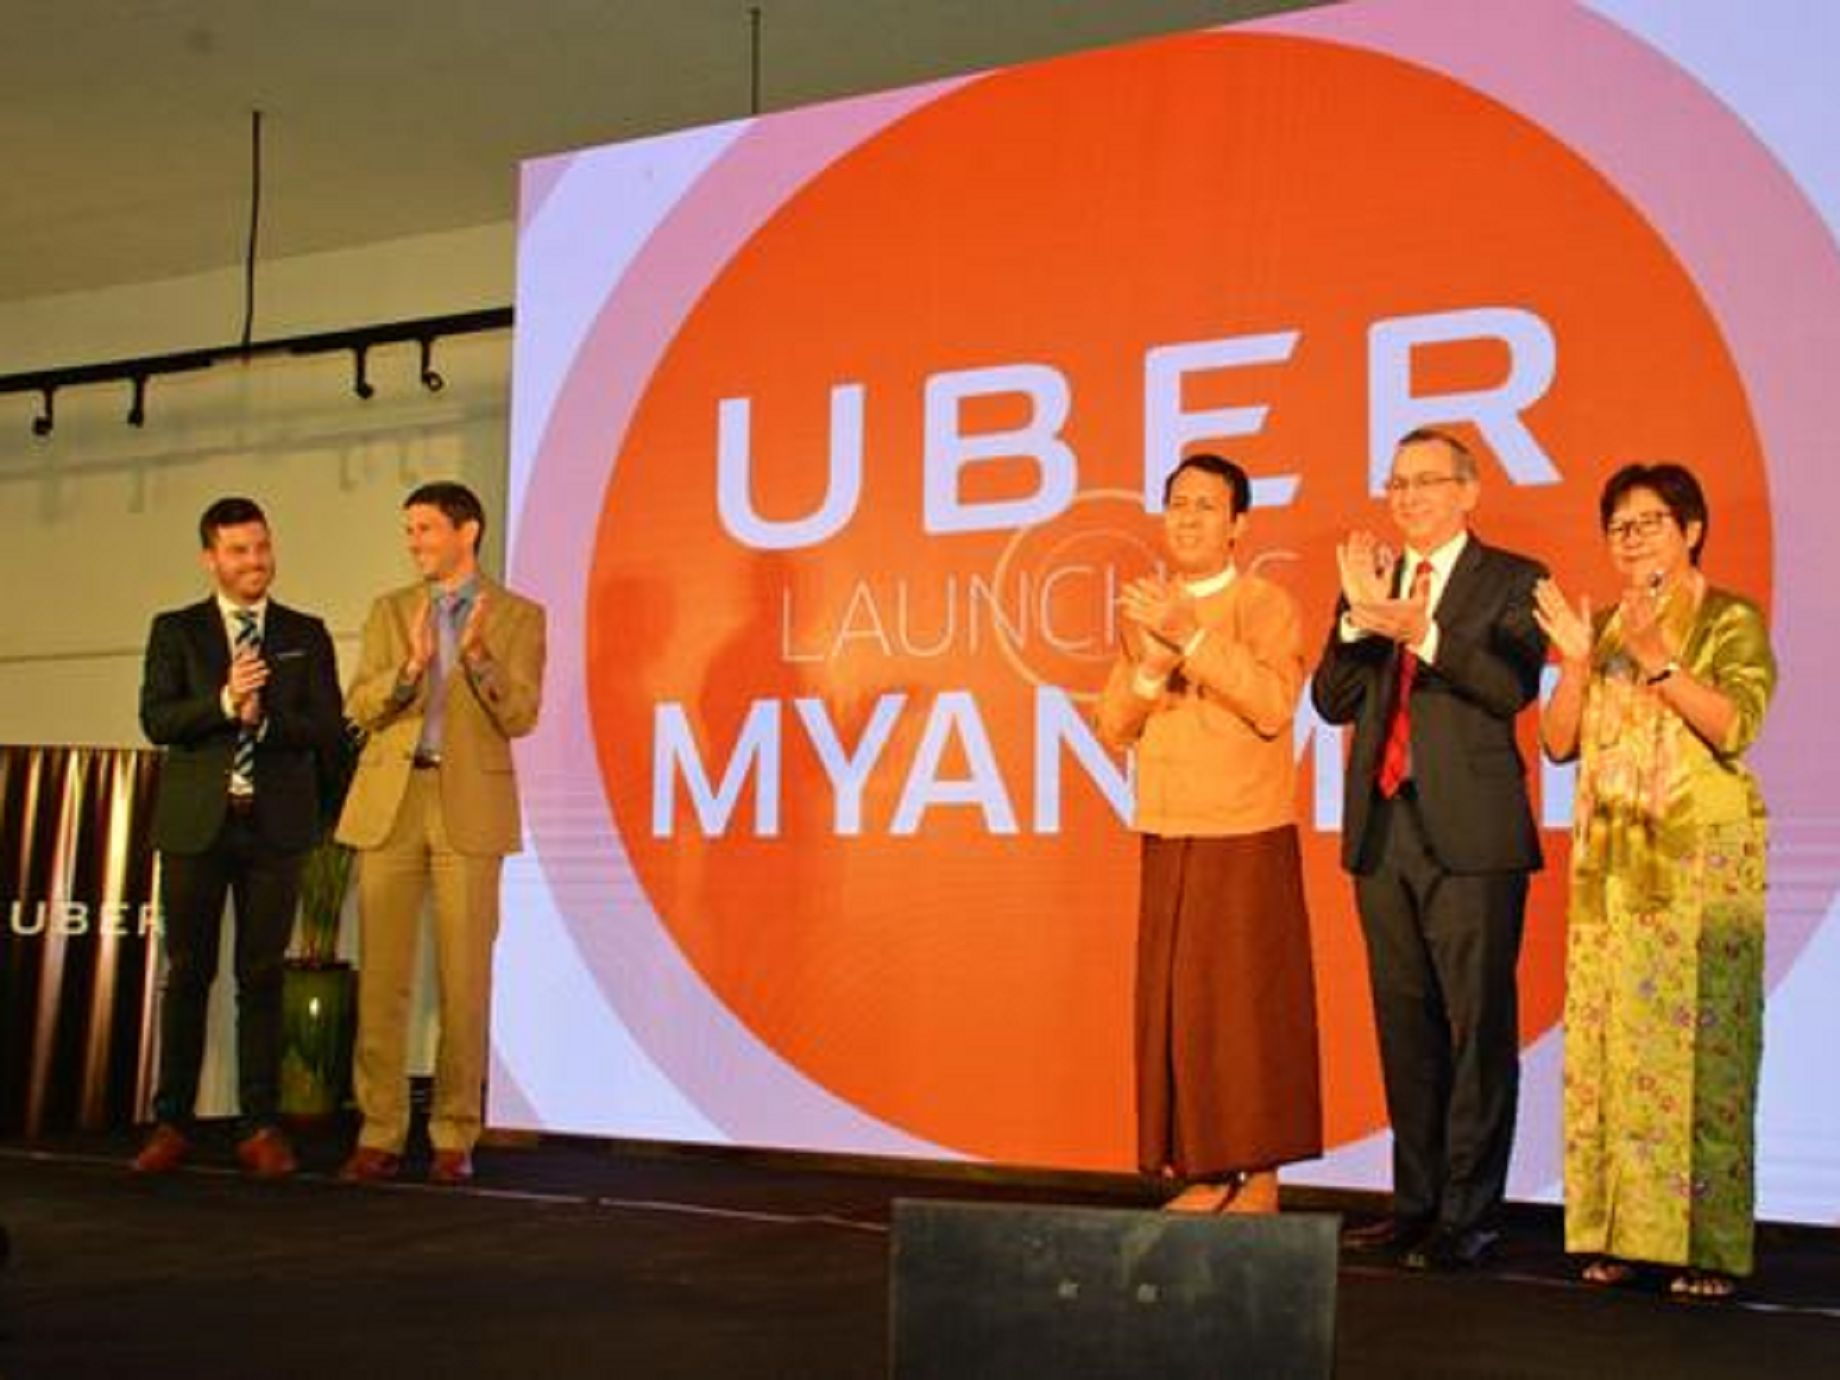 Uber正式開入緬甸,為爭緬甸市場Uber改變了!